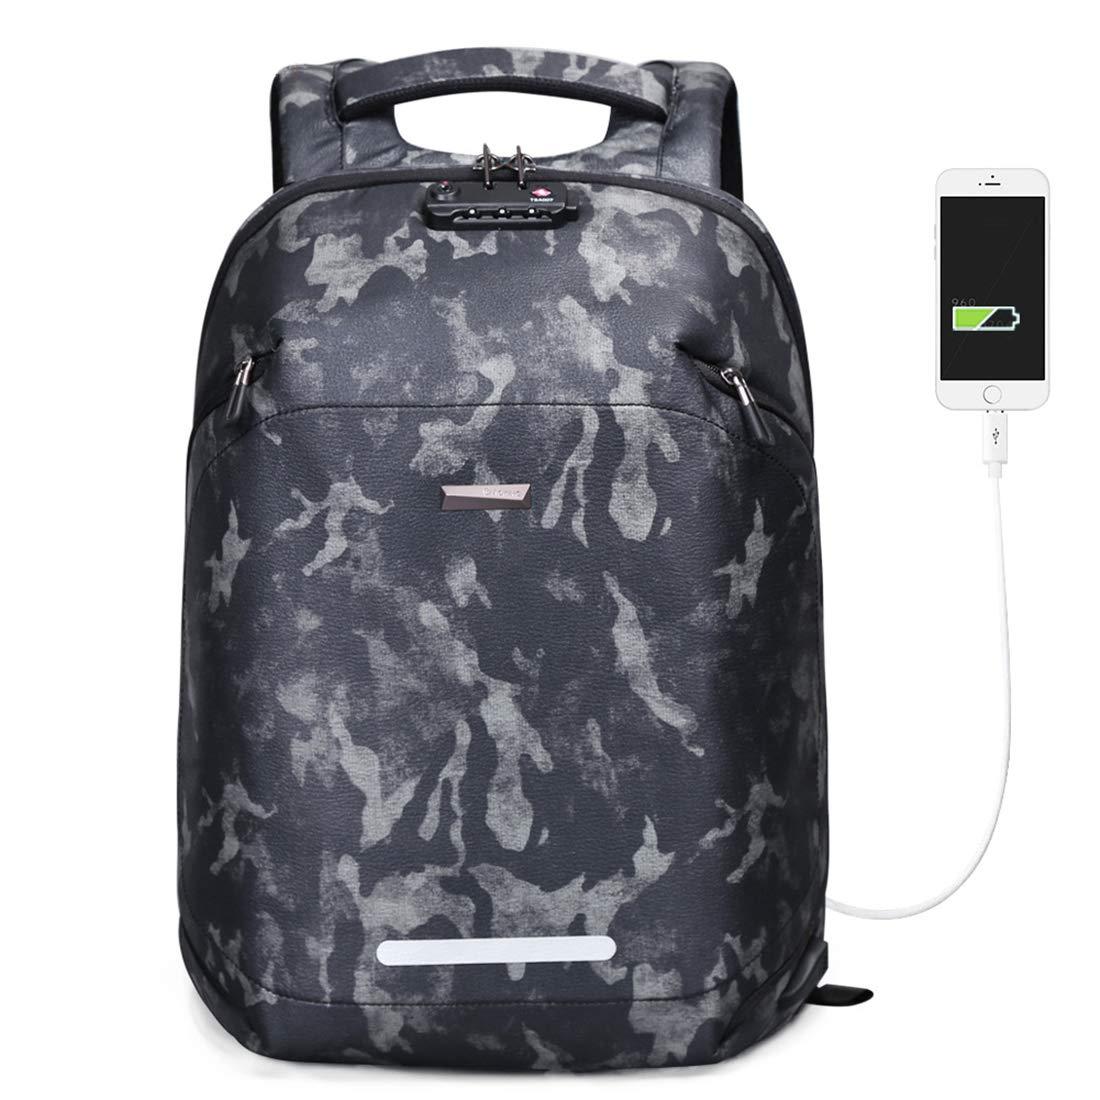 大容量バックパックUSB充電盗難防止学校バッグ税関ロックビジネスコンピュータバッグカモフラージュ   B07KF5T5MX